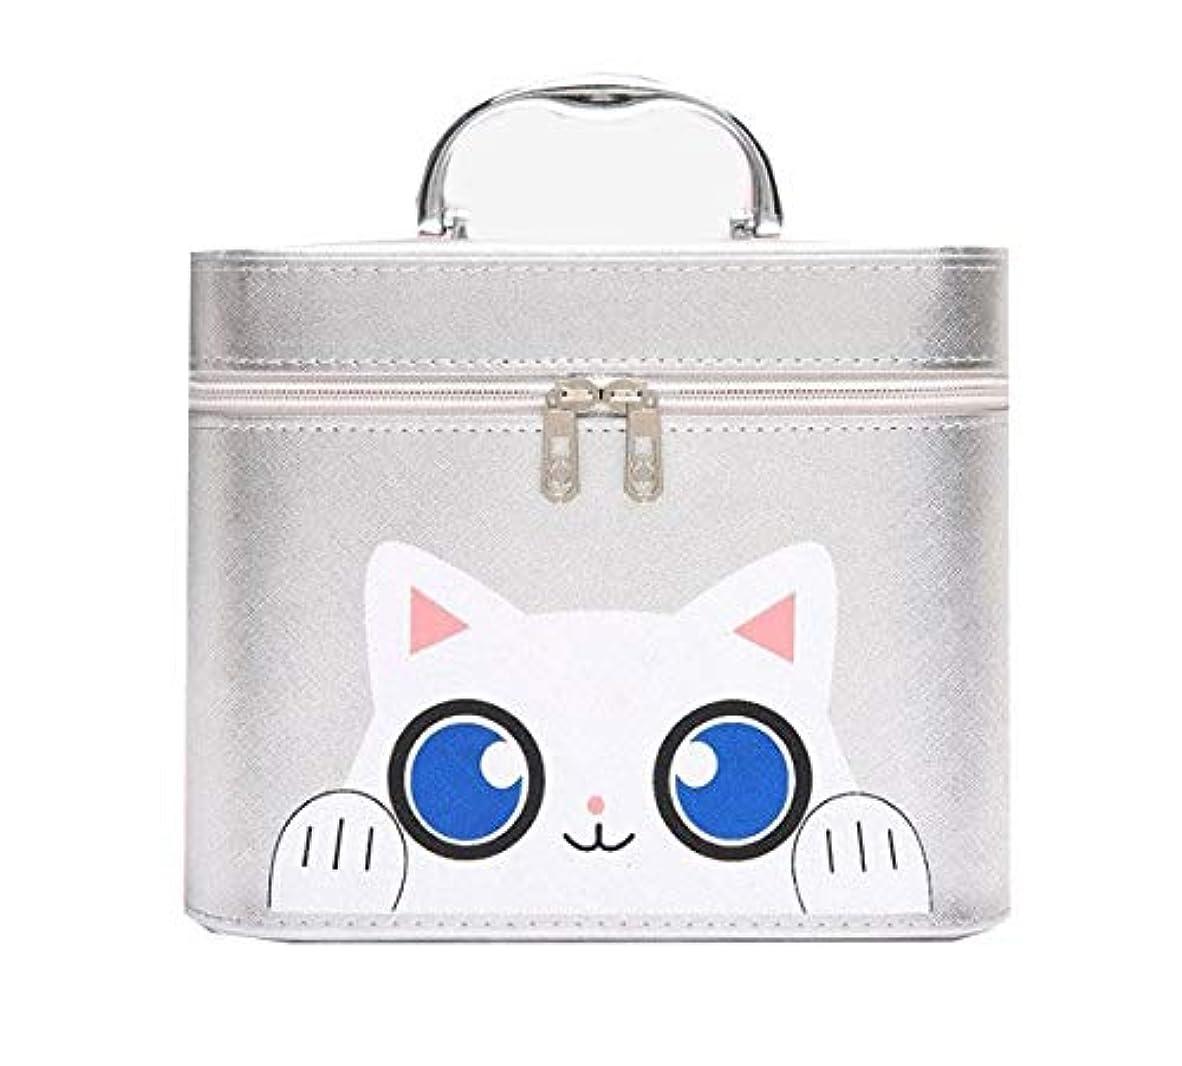 傘刺繍ジャングル化粧箱、シルバー漫画猫化粧品ケース、ポータブル旅行化粧品ケース、美容ネイルジュエリー収納ボックス (Size : L)